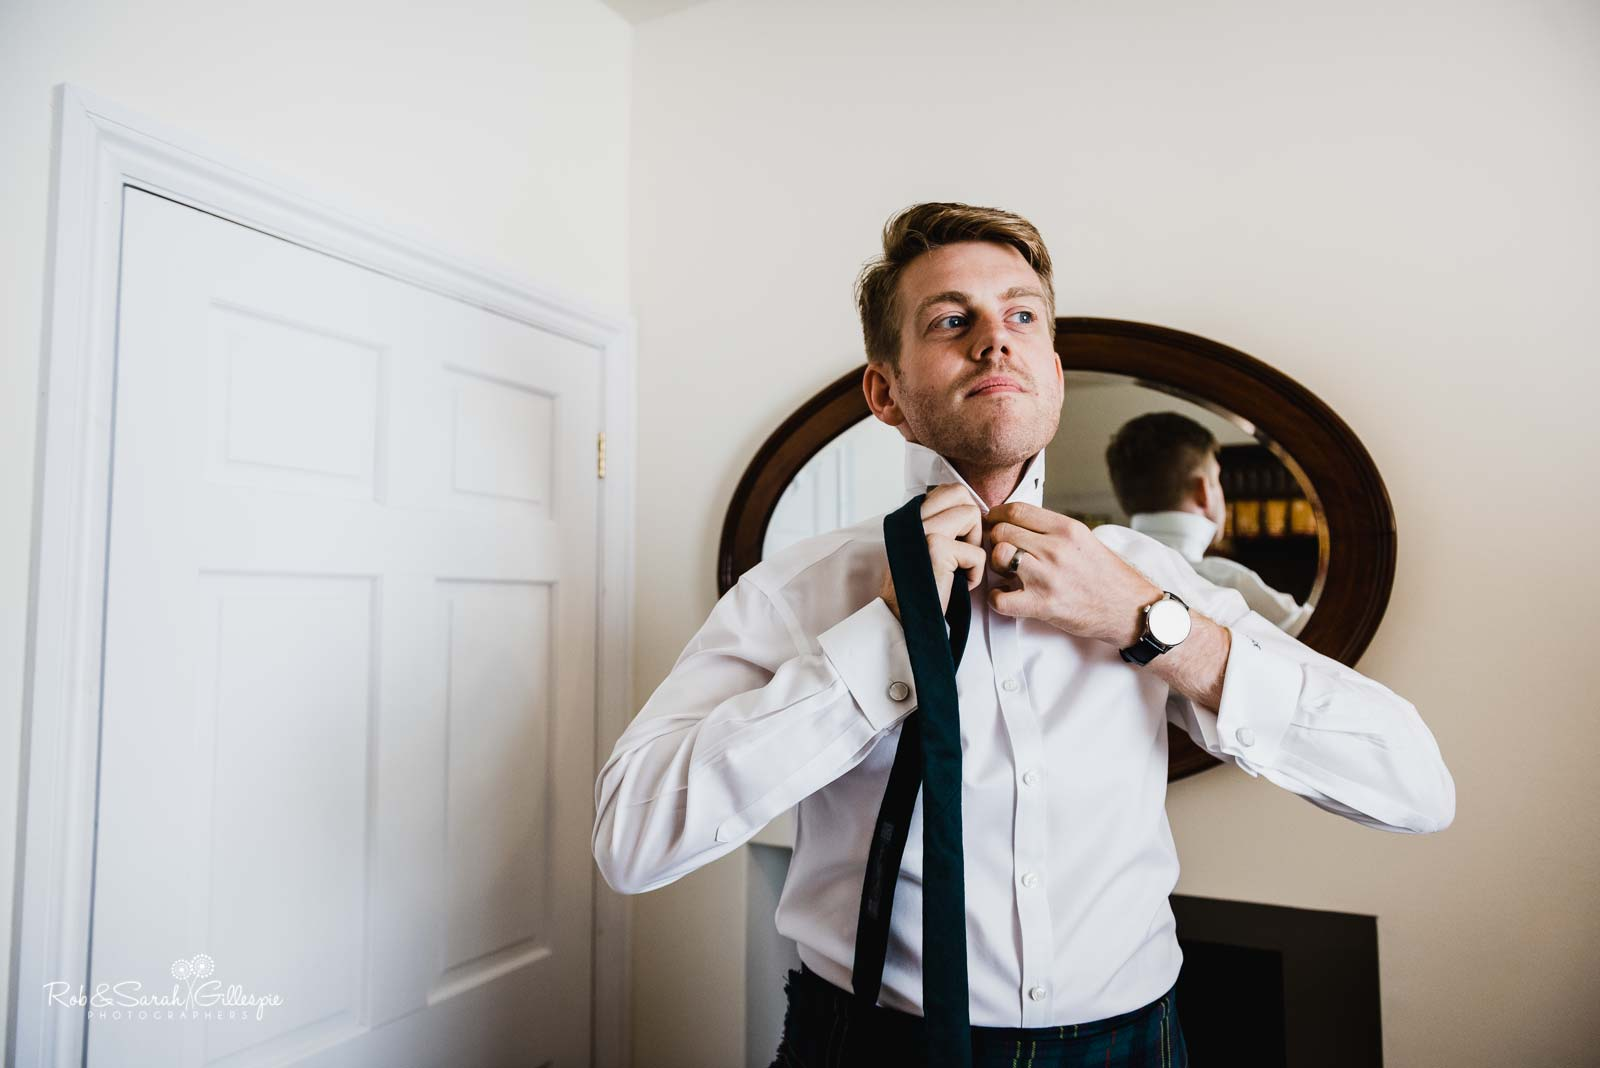 Groosman prepares for wedding at Wethele Manor